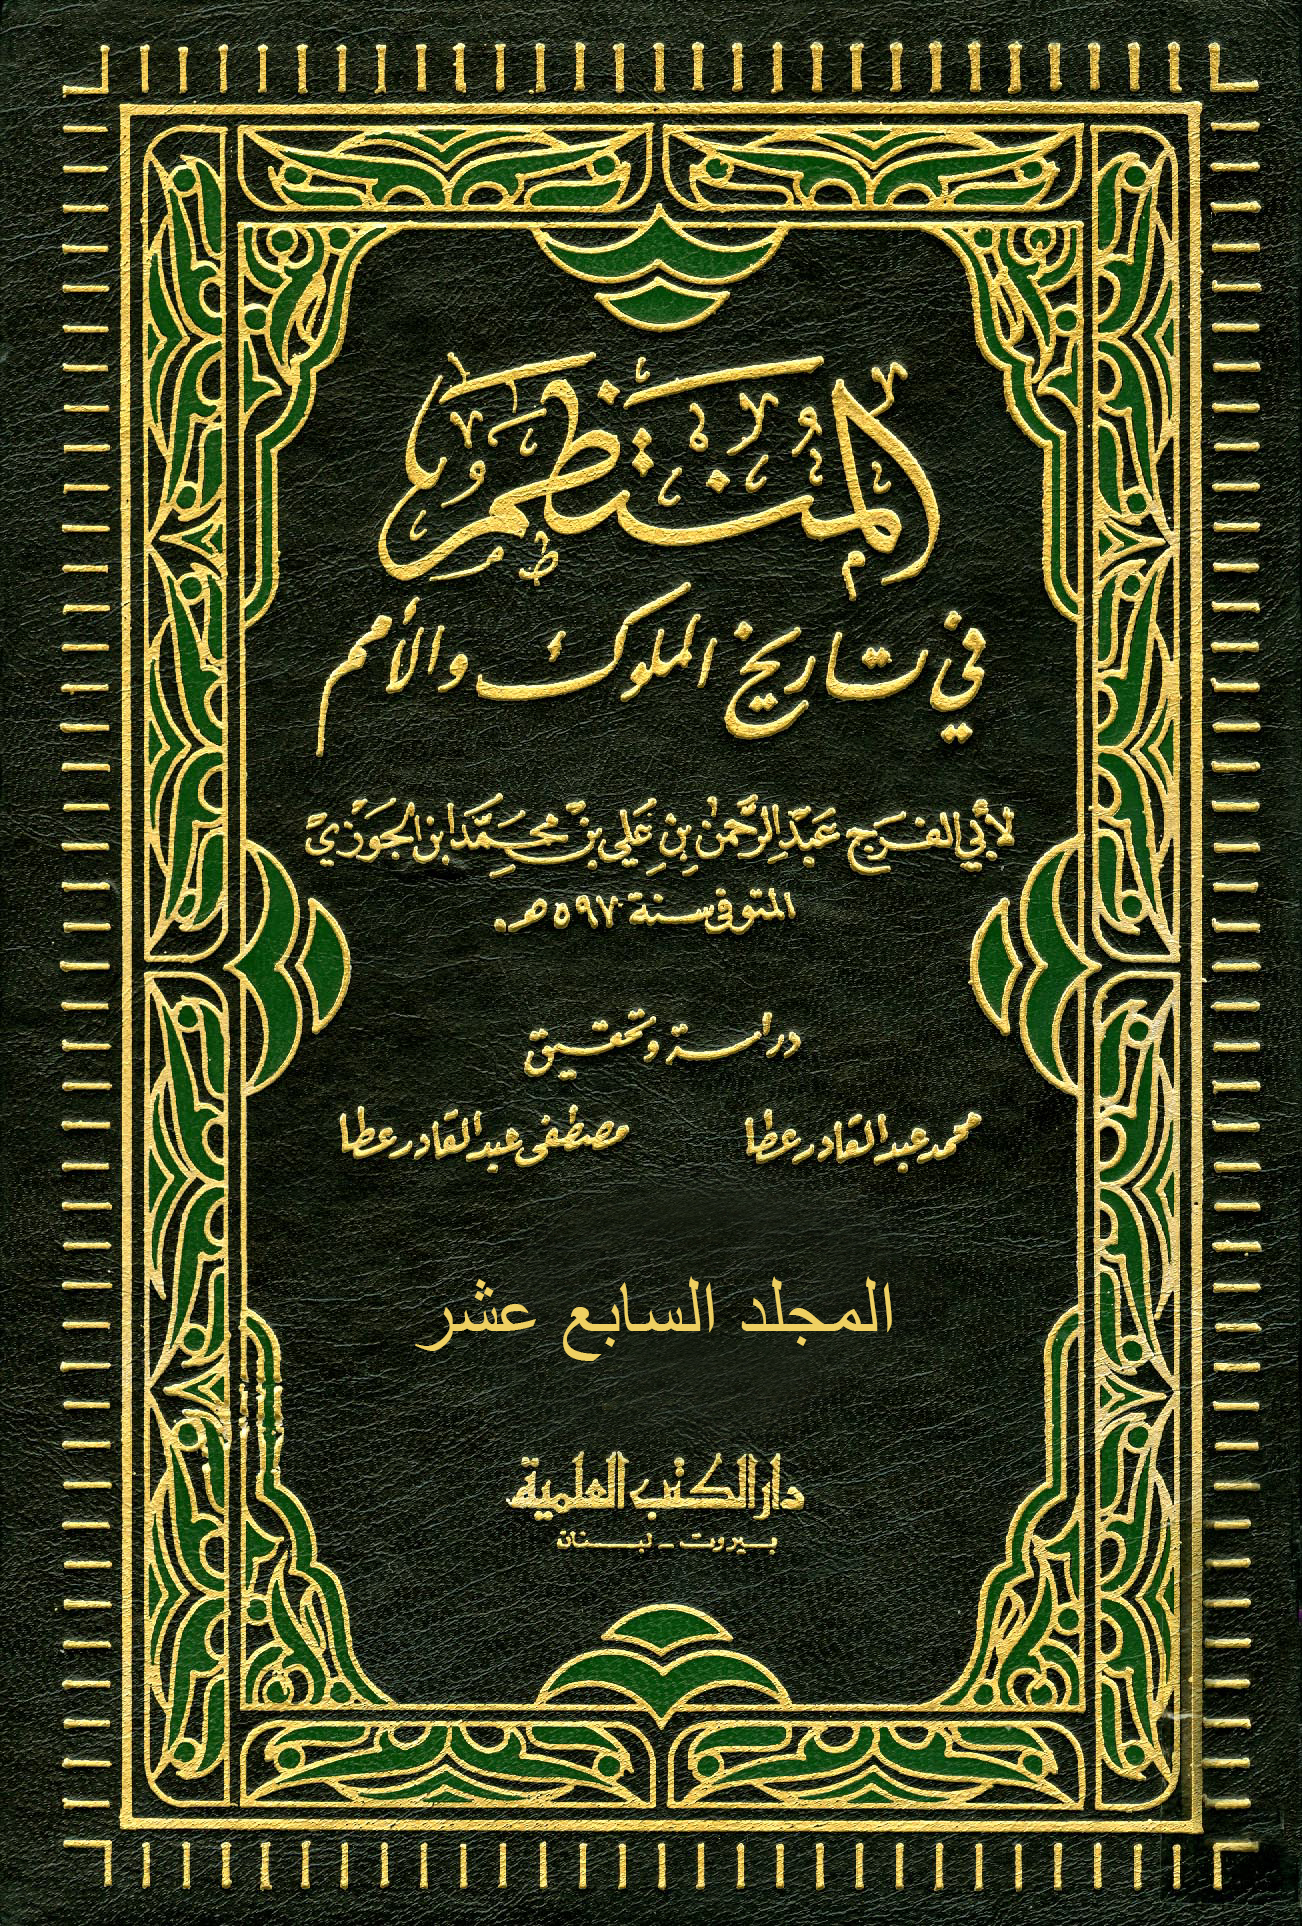 المنتظم في تاريخ الملوك والأمم - م 17 (486 هـ - 533 هـ)